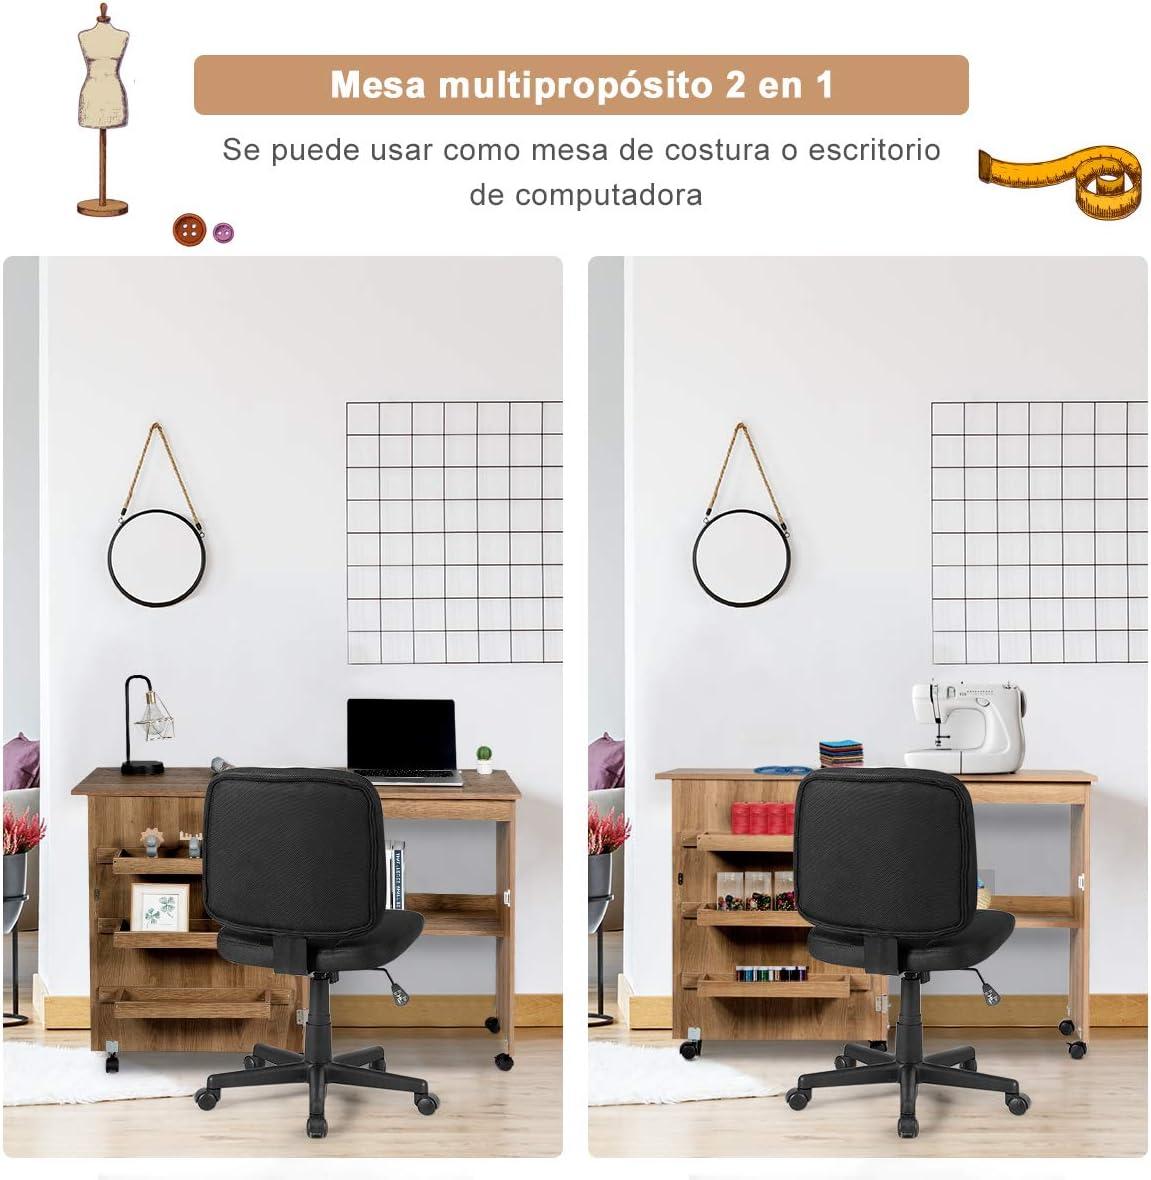 COSTWAY Faltbarer Nähschrank Nähtisch Nähmaschinentisch Nähmaschinenschrank Mehrzwecktisch Schreibtisch Arbeitstisch auf Rollen weiß